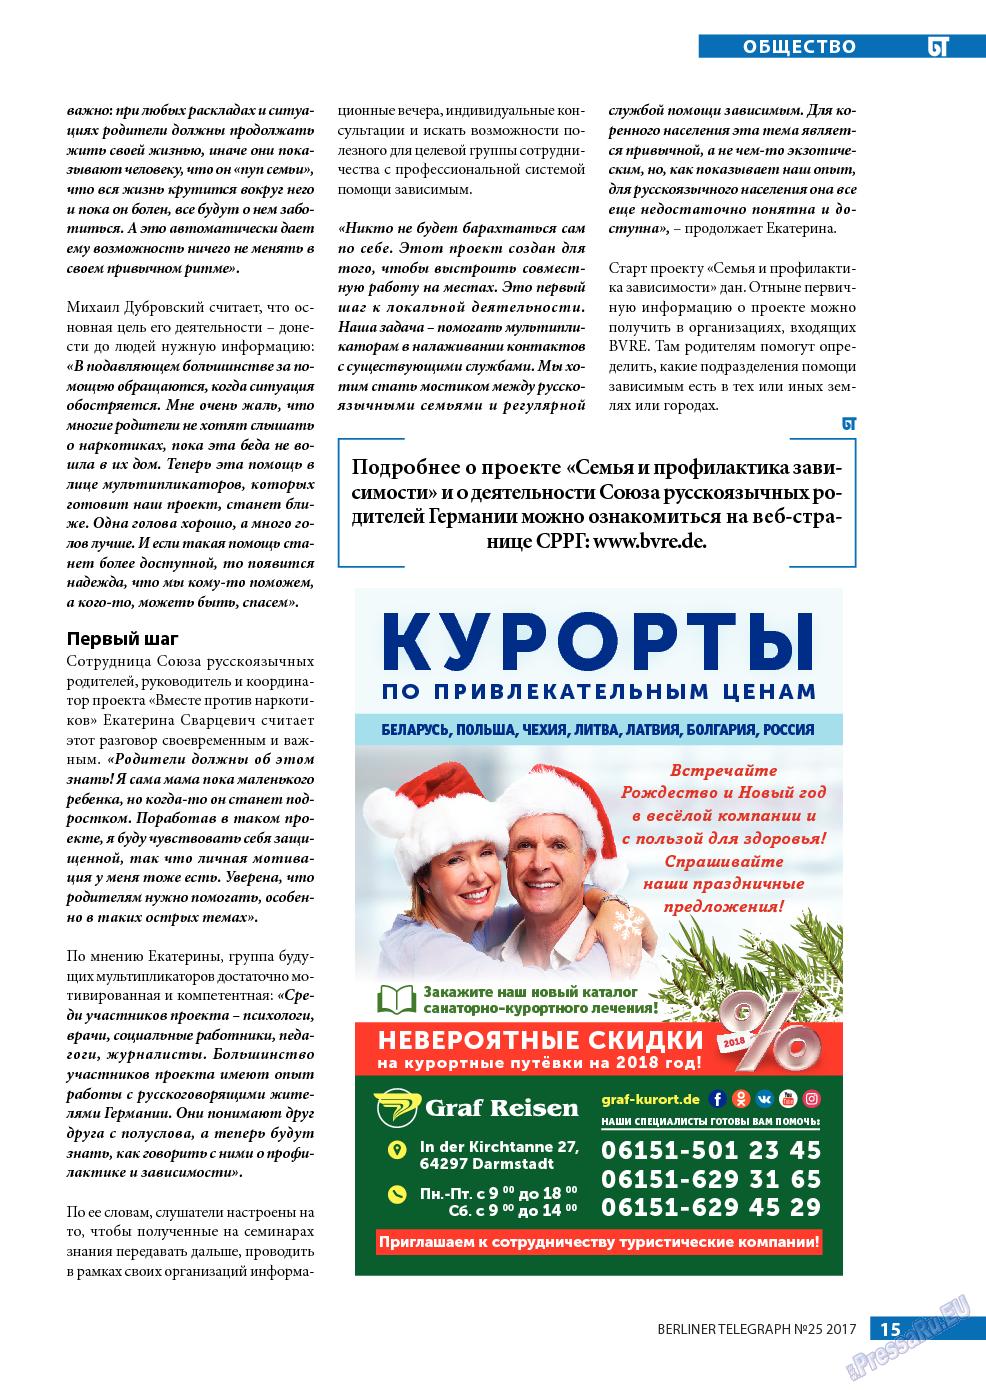 Берлинский телеграф (журнал). 2017 год, номер 25, стр. 15